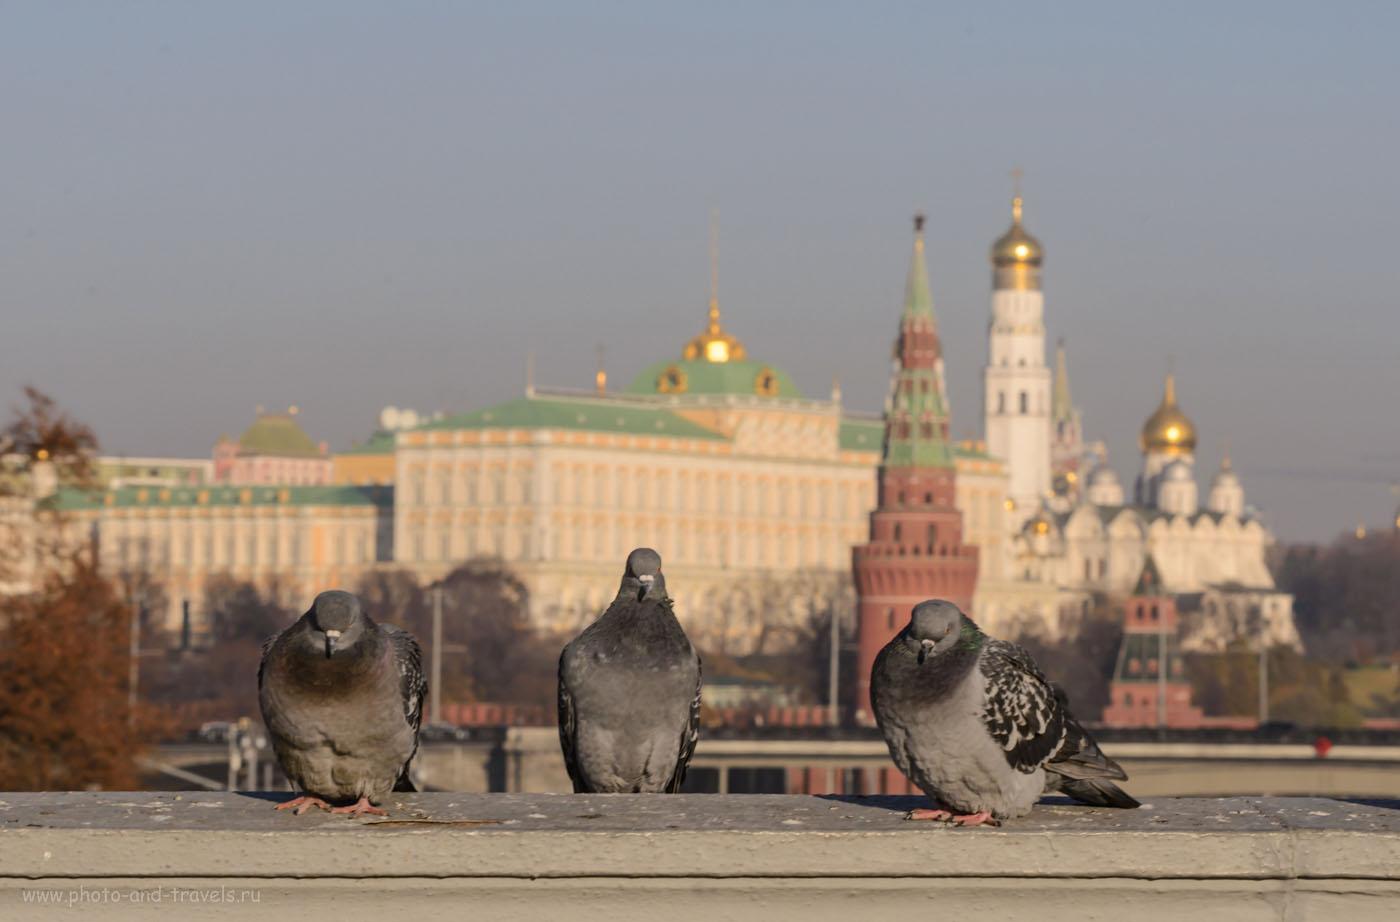 Фото 19. Голуби на Патриаршем мосту рядом с храмом Христа Спасителя в Москве. Отсюда открывается красивый вид на Кремль и на памятник Петру I. 1/160, -0.67EV, F/14, 100, 102 mm.